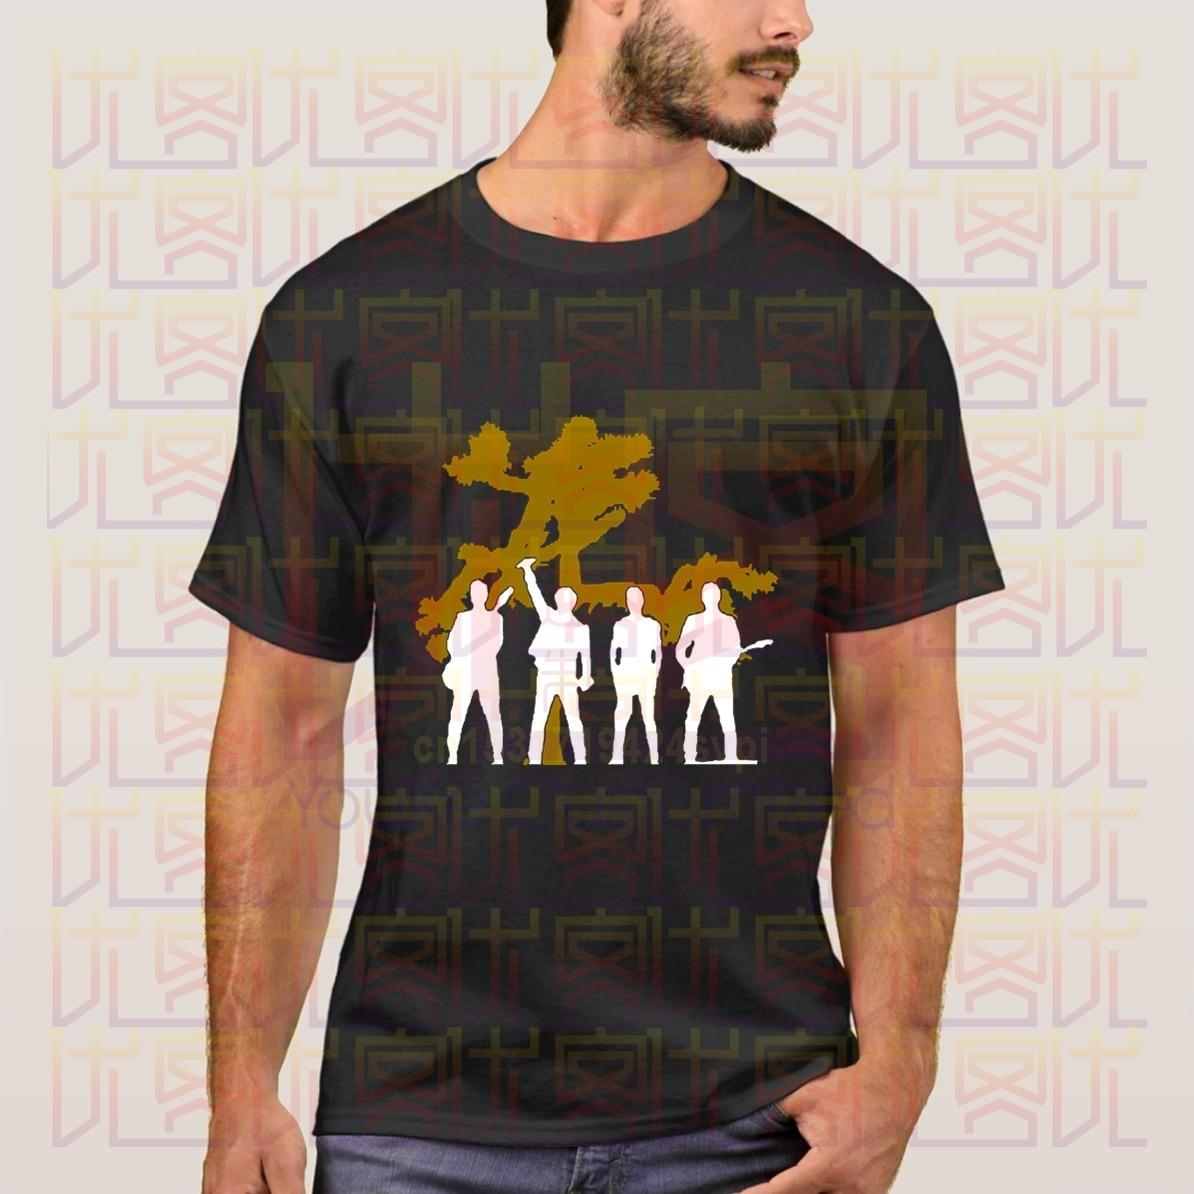 Lo más nuevo del verano 2020 U2, póster de siluetas de árboles de Josué, 100%, ropa informal de algodón, camiseta para hombre, camisetas, S-4XL